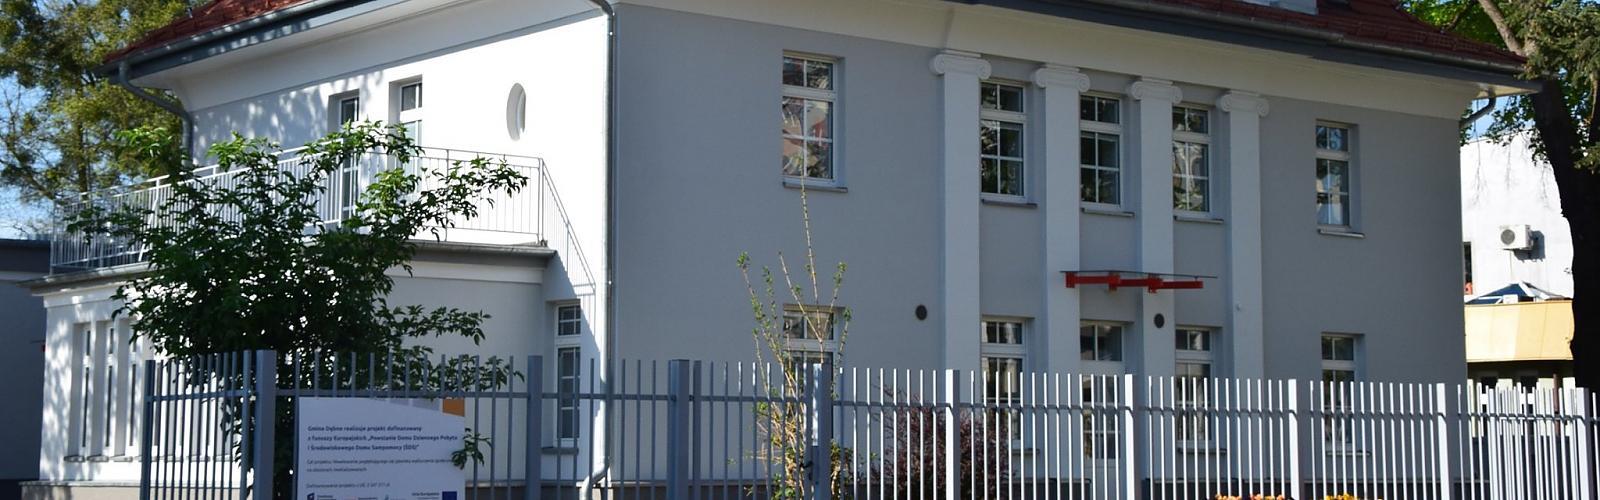 Dębno ma Środowiskowy Dom Samopomocy. W rewitalizacji budynku pomogły eurofundusze - fot. FB ŚDS Dębno